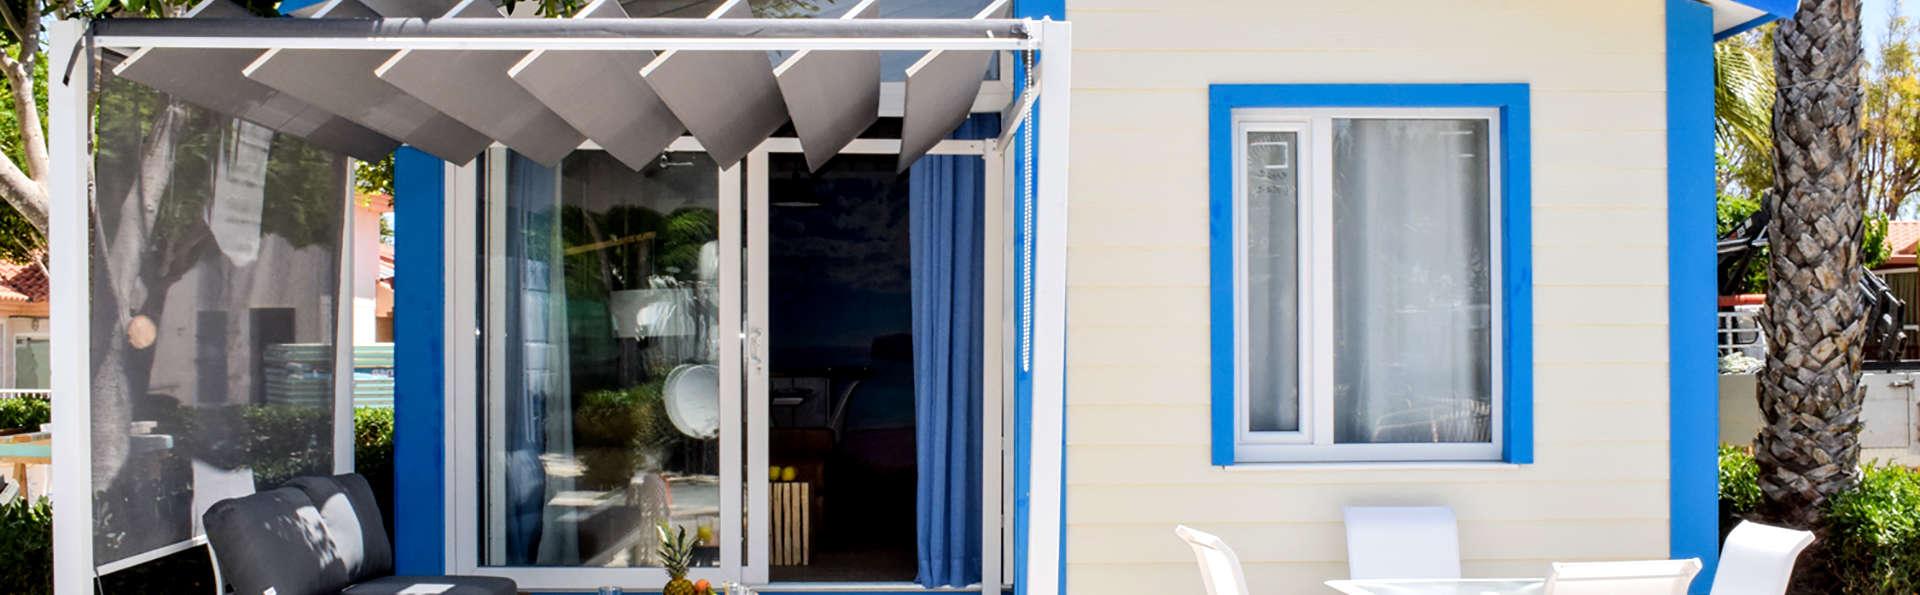 Profitez de la côte d'Alicante dans une élegante cabine de luxe.